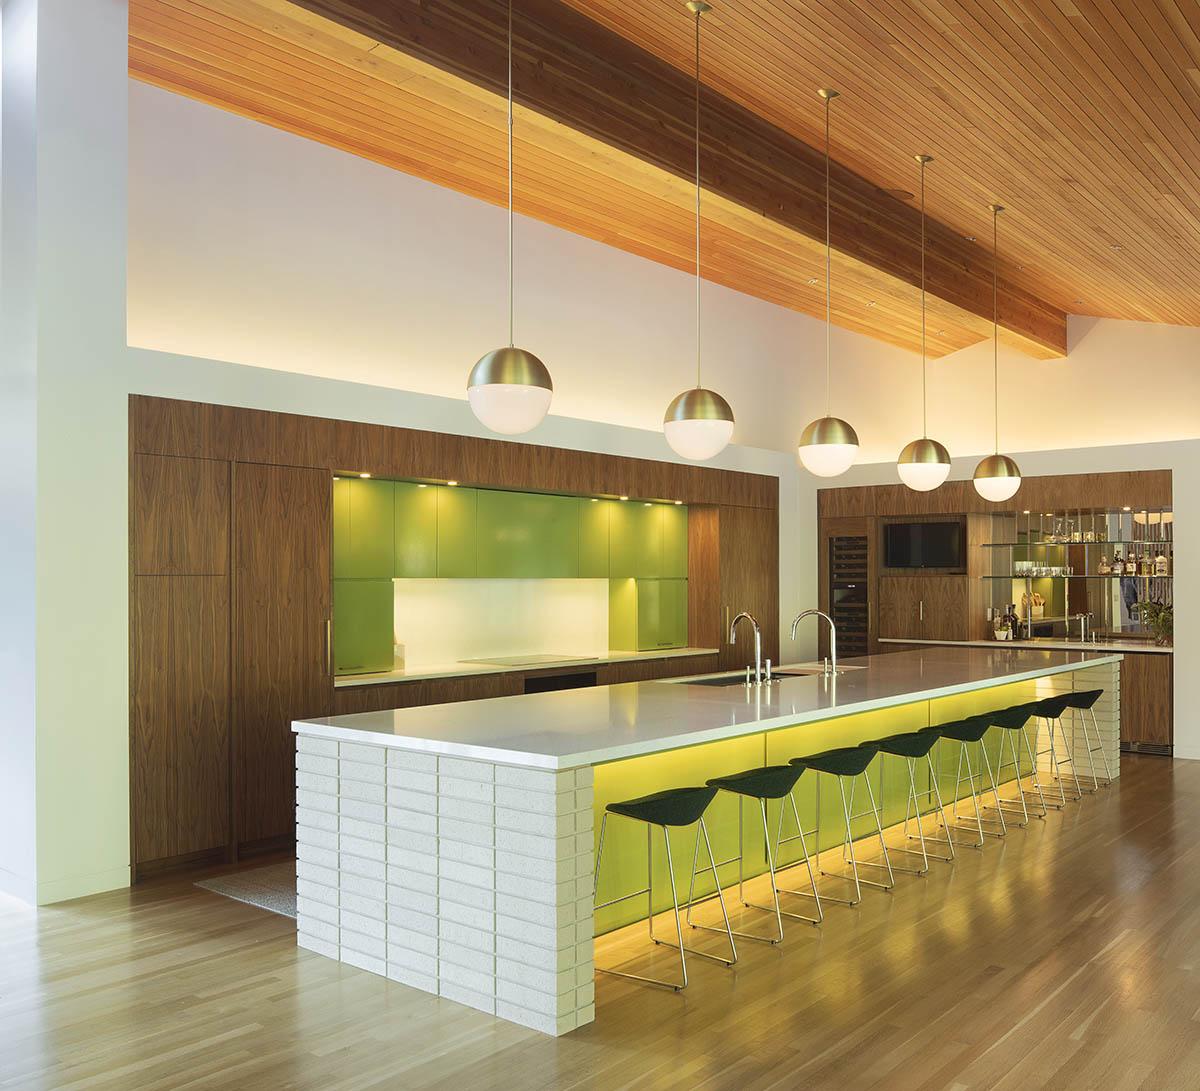 new-century-kitchen-2-GS_Patton_0247_F2